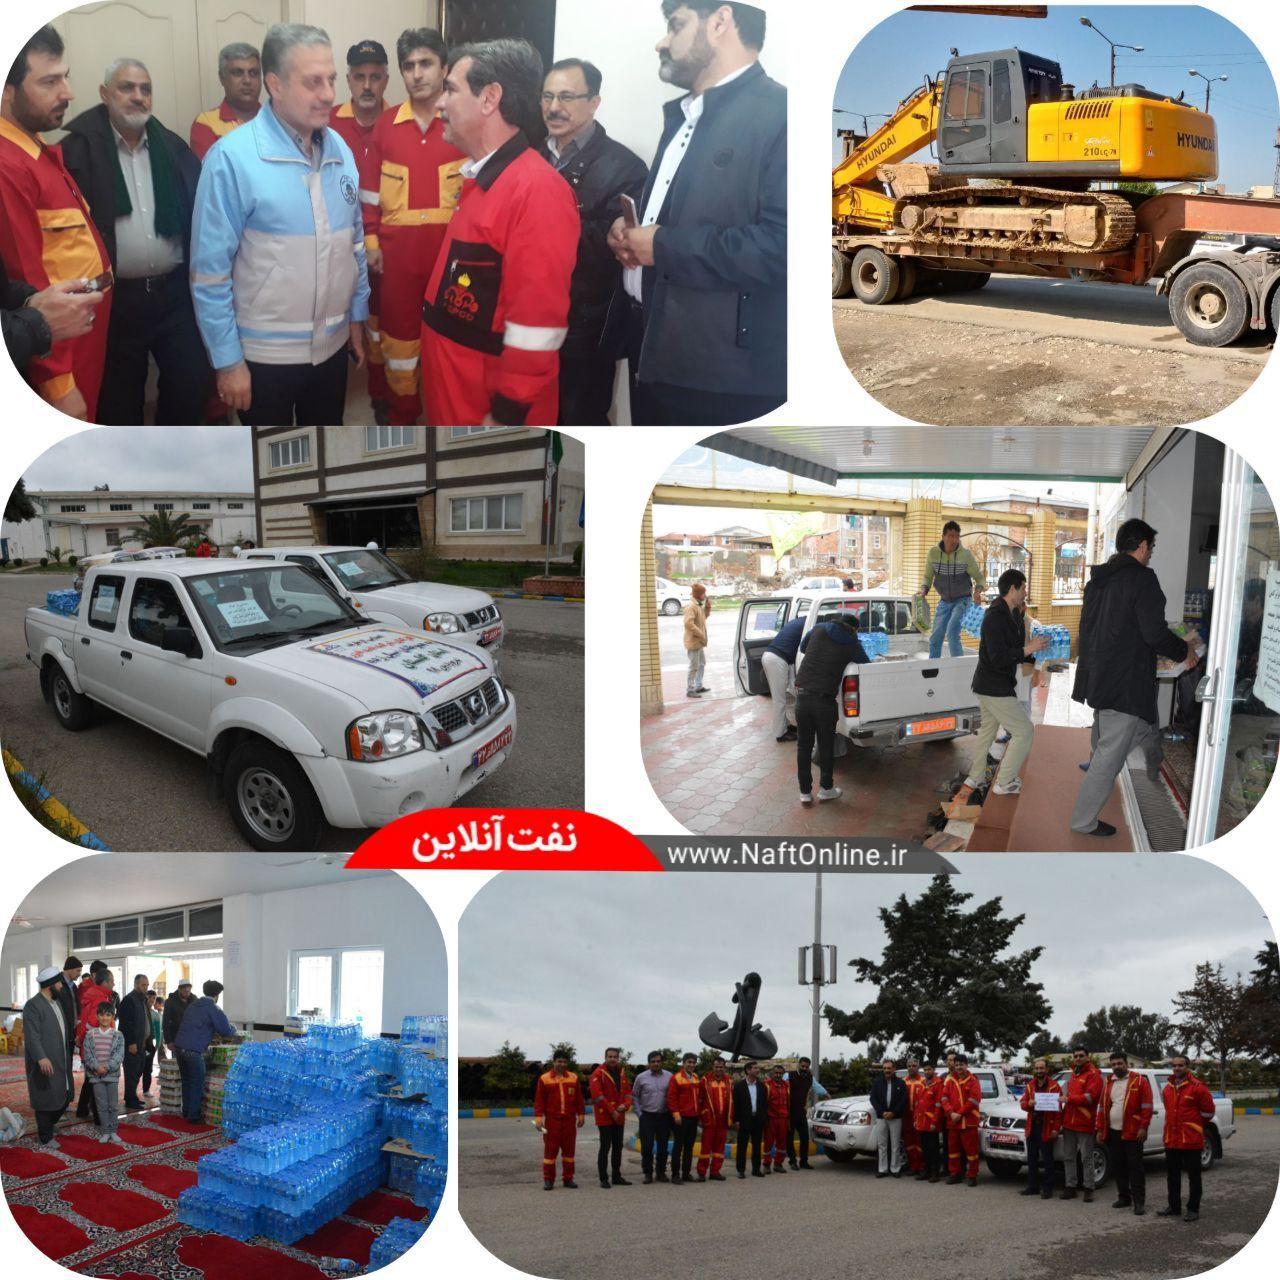 شرکت نفتخزر نیز به کمک سیلزدگان شمال کشور شتافت